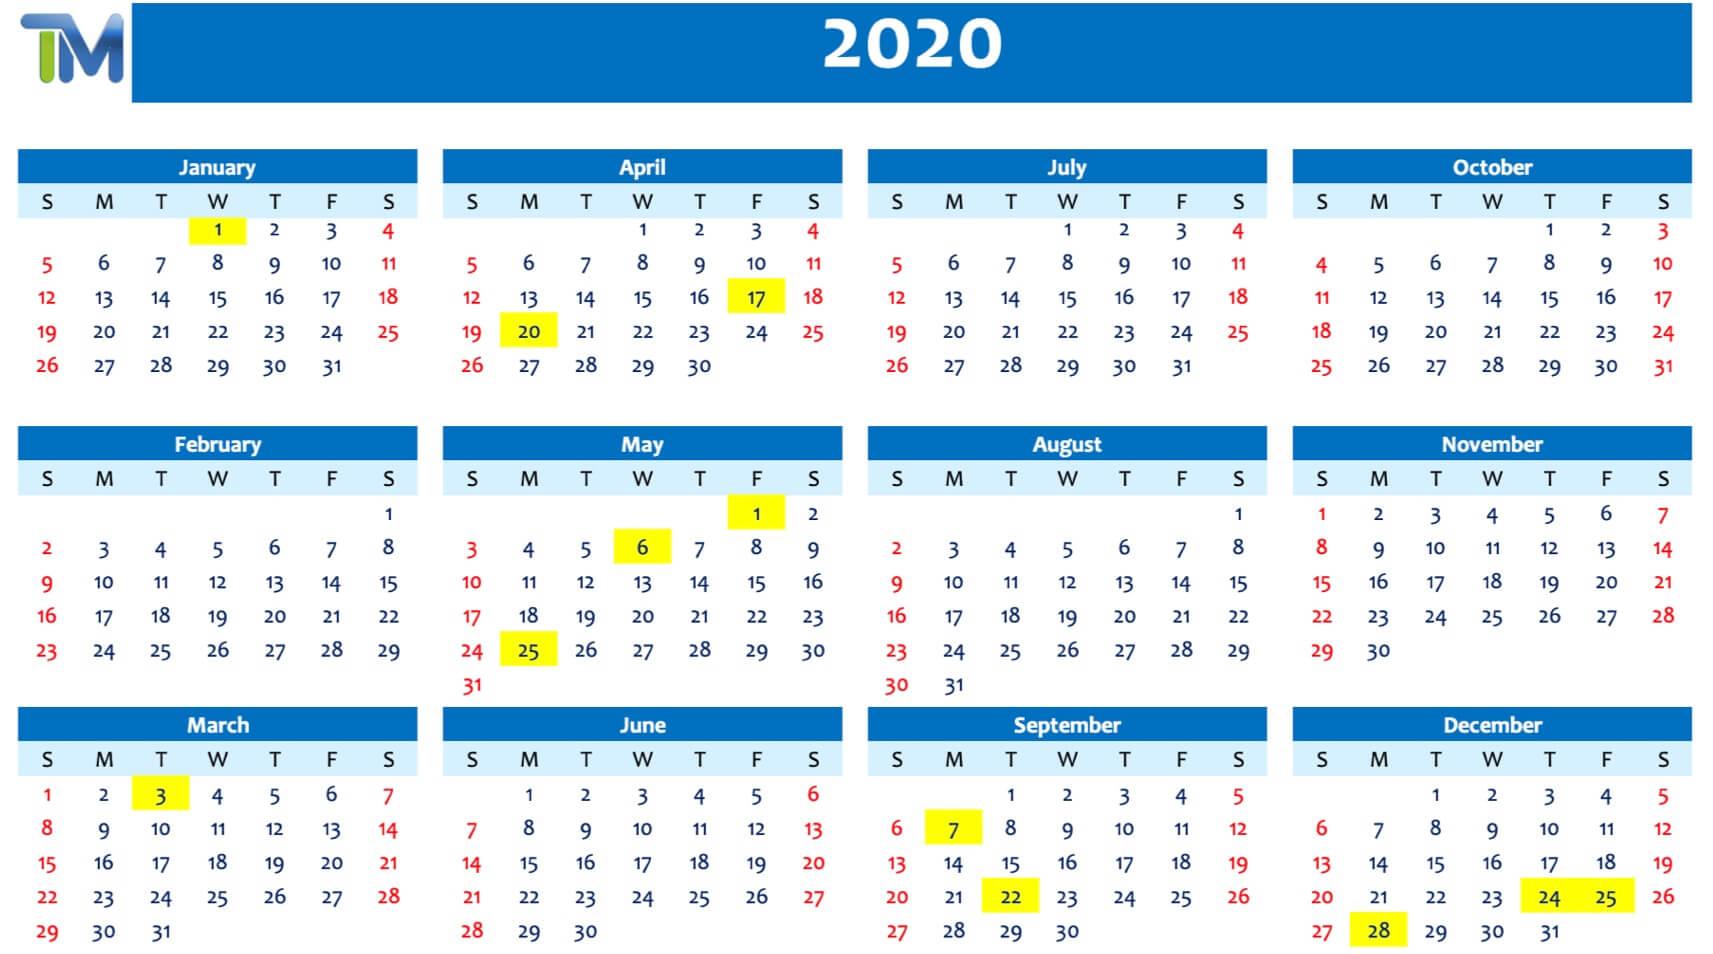 Αργίες Βουλγαρίας 2020